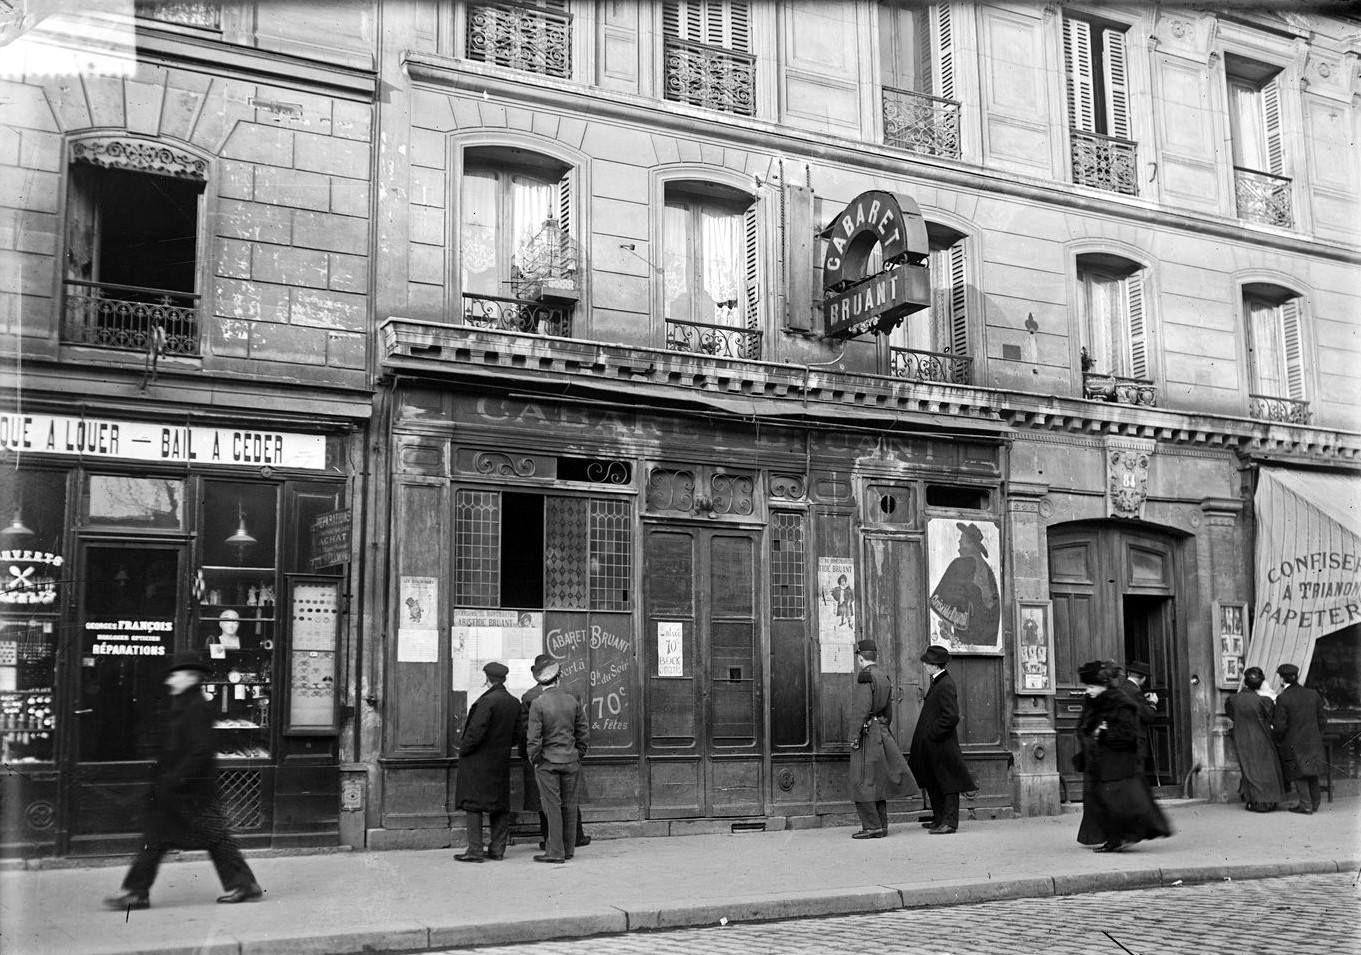 cabaret bruant 84 boulevard de rochechouart 1909 le 84 boulevard de rochechouart a une longue. Black Bedroom Furniture Sets. Home Design Ideas